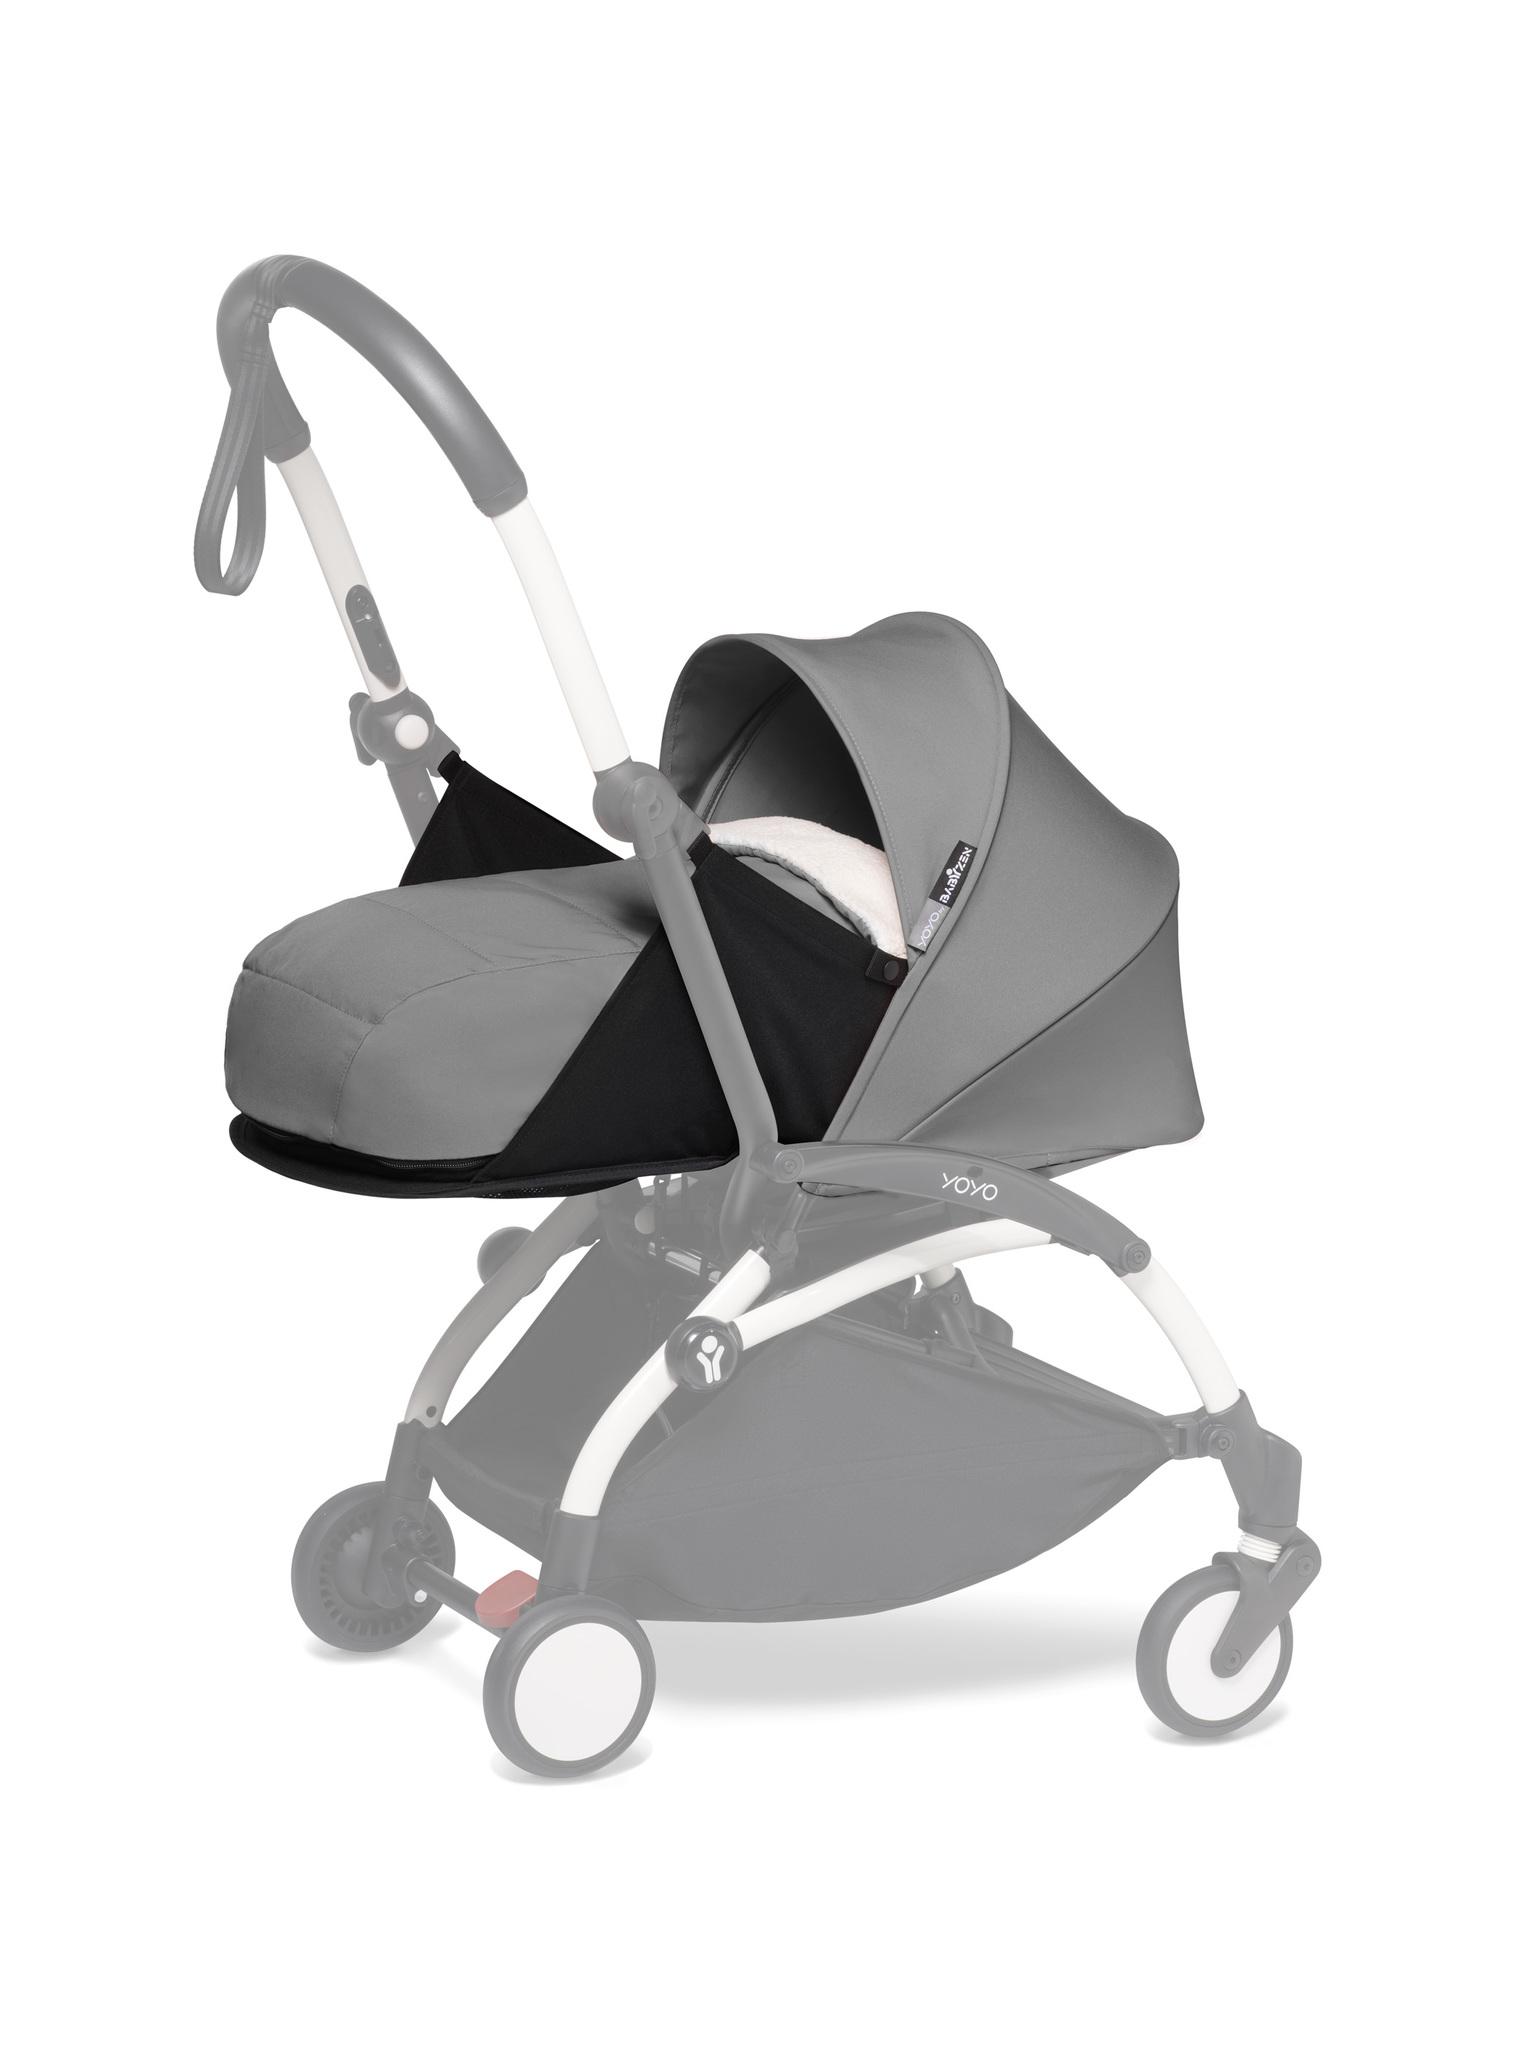 Комплект люльки для новорождённого BabyZen YOYO2 0+ Grey Серый